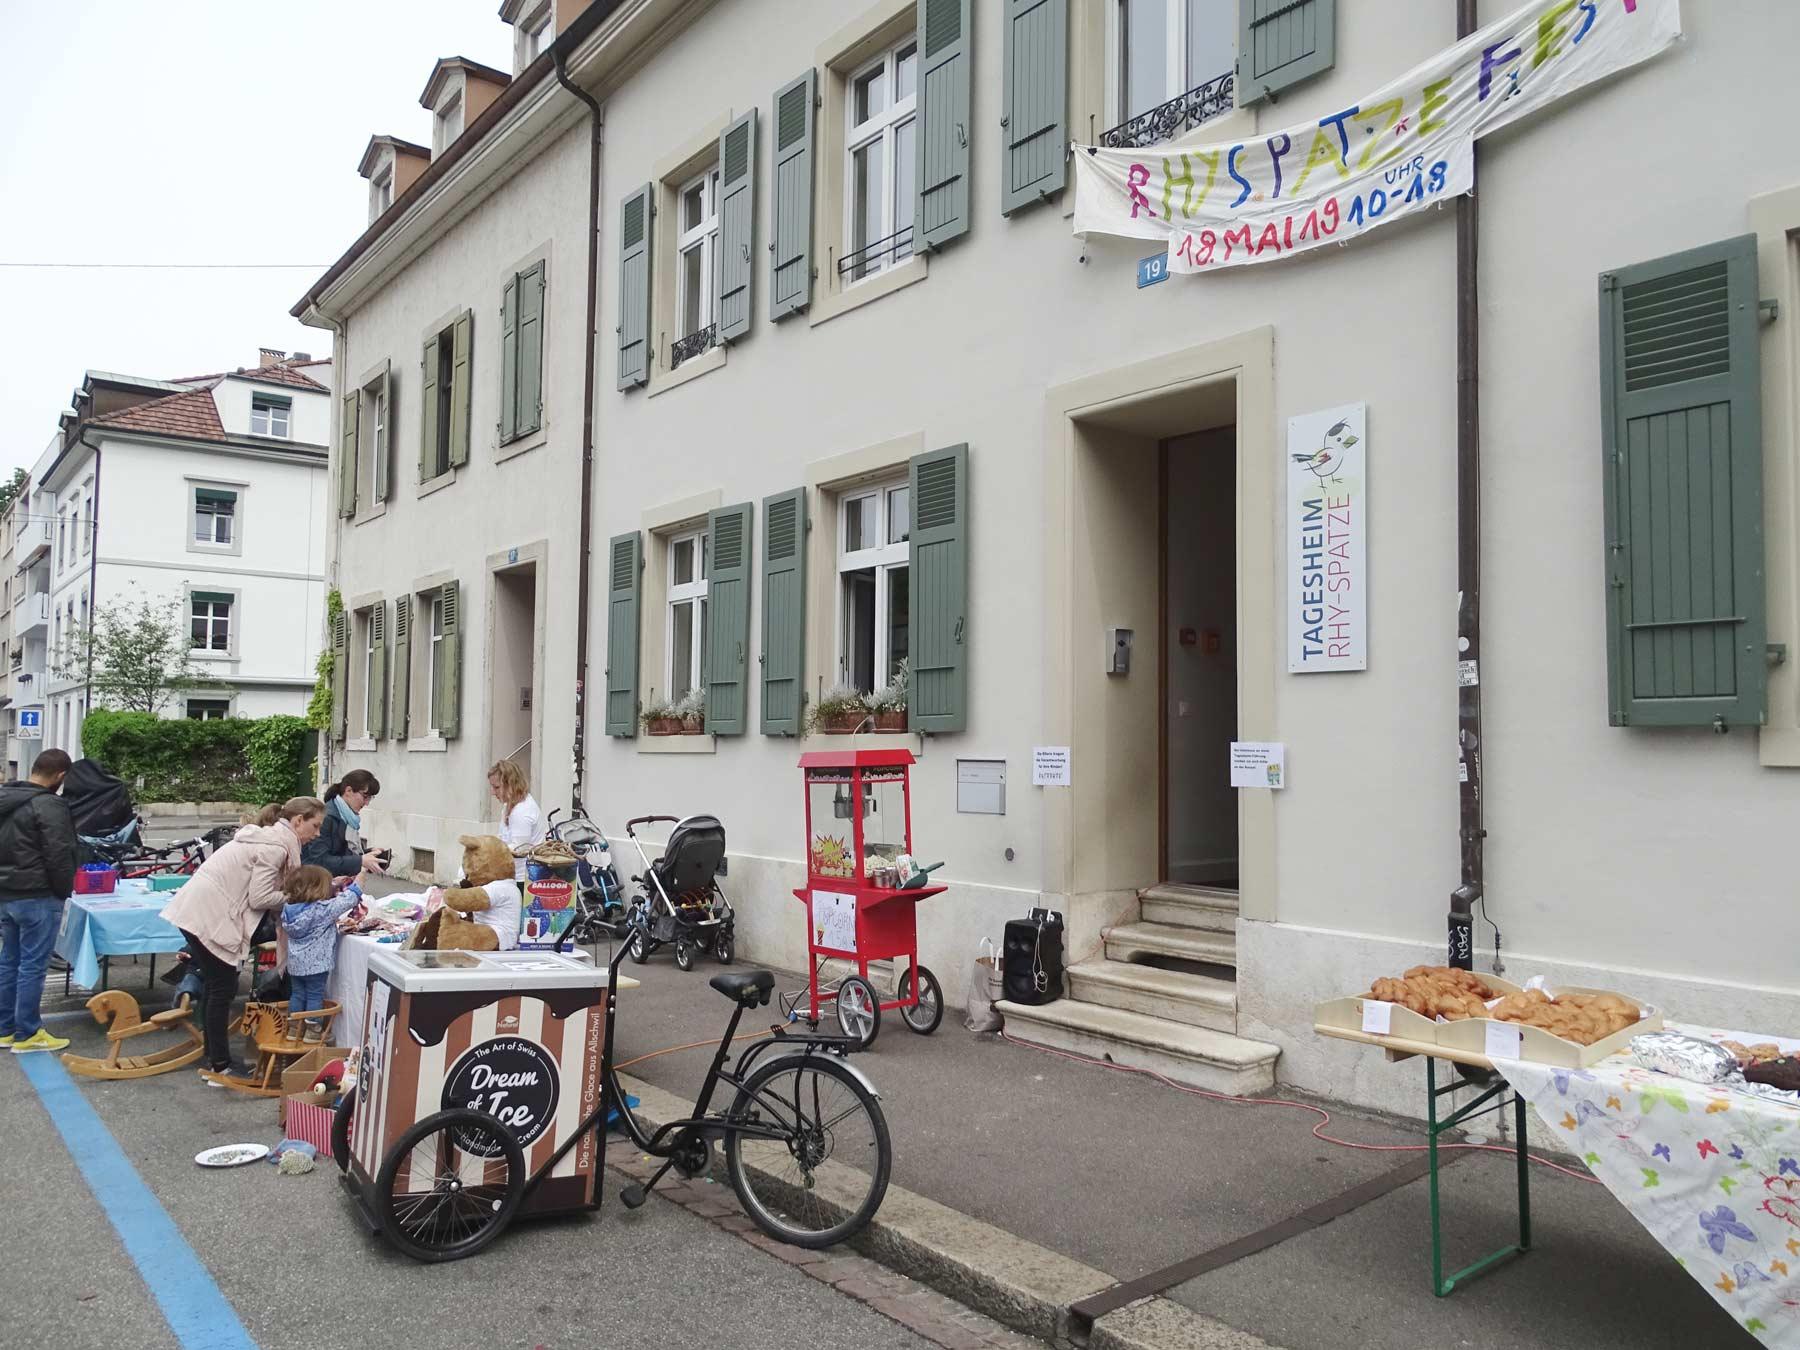 Rhy-Spatze-Quartierfest-11-Flohmarkt